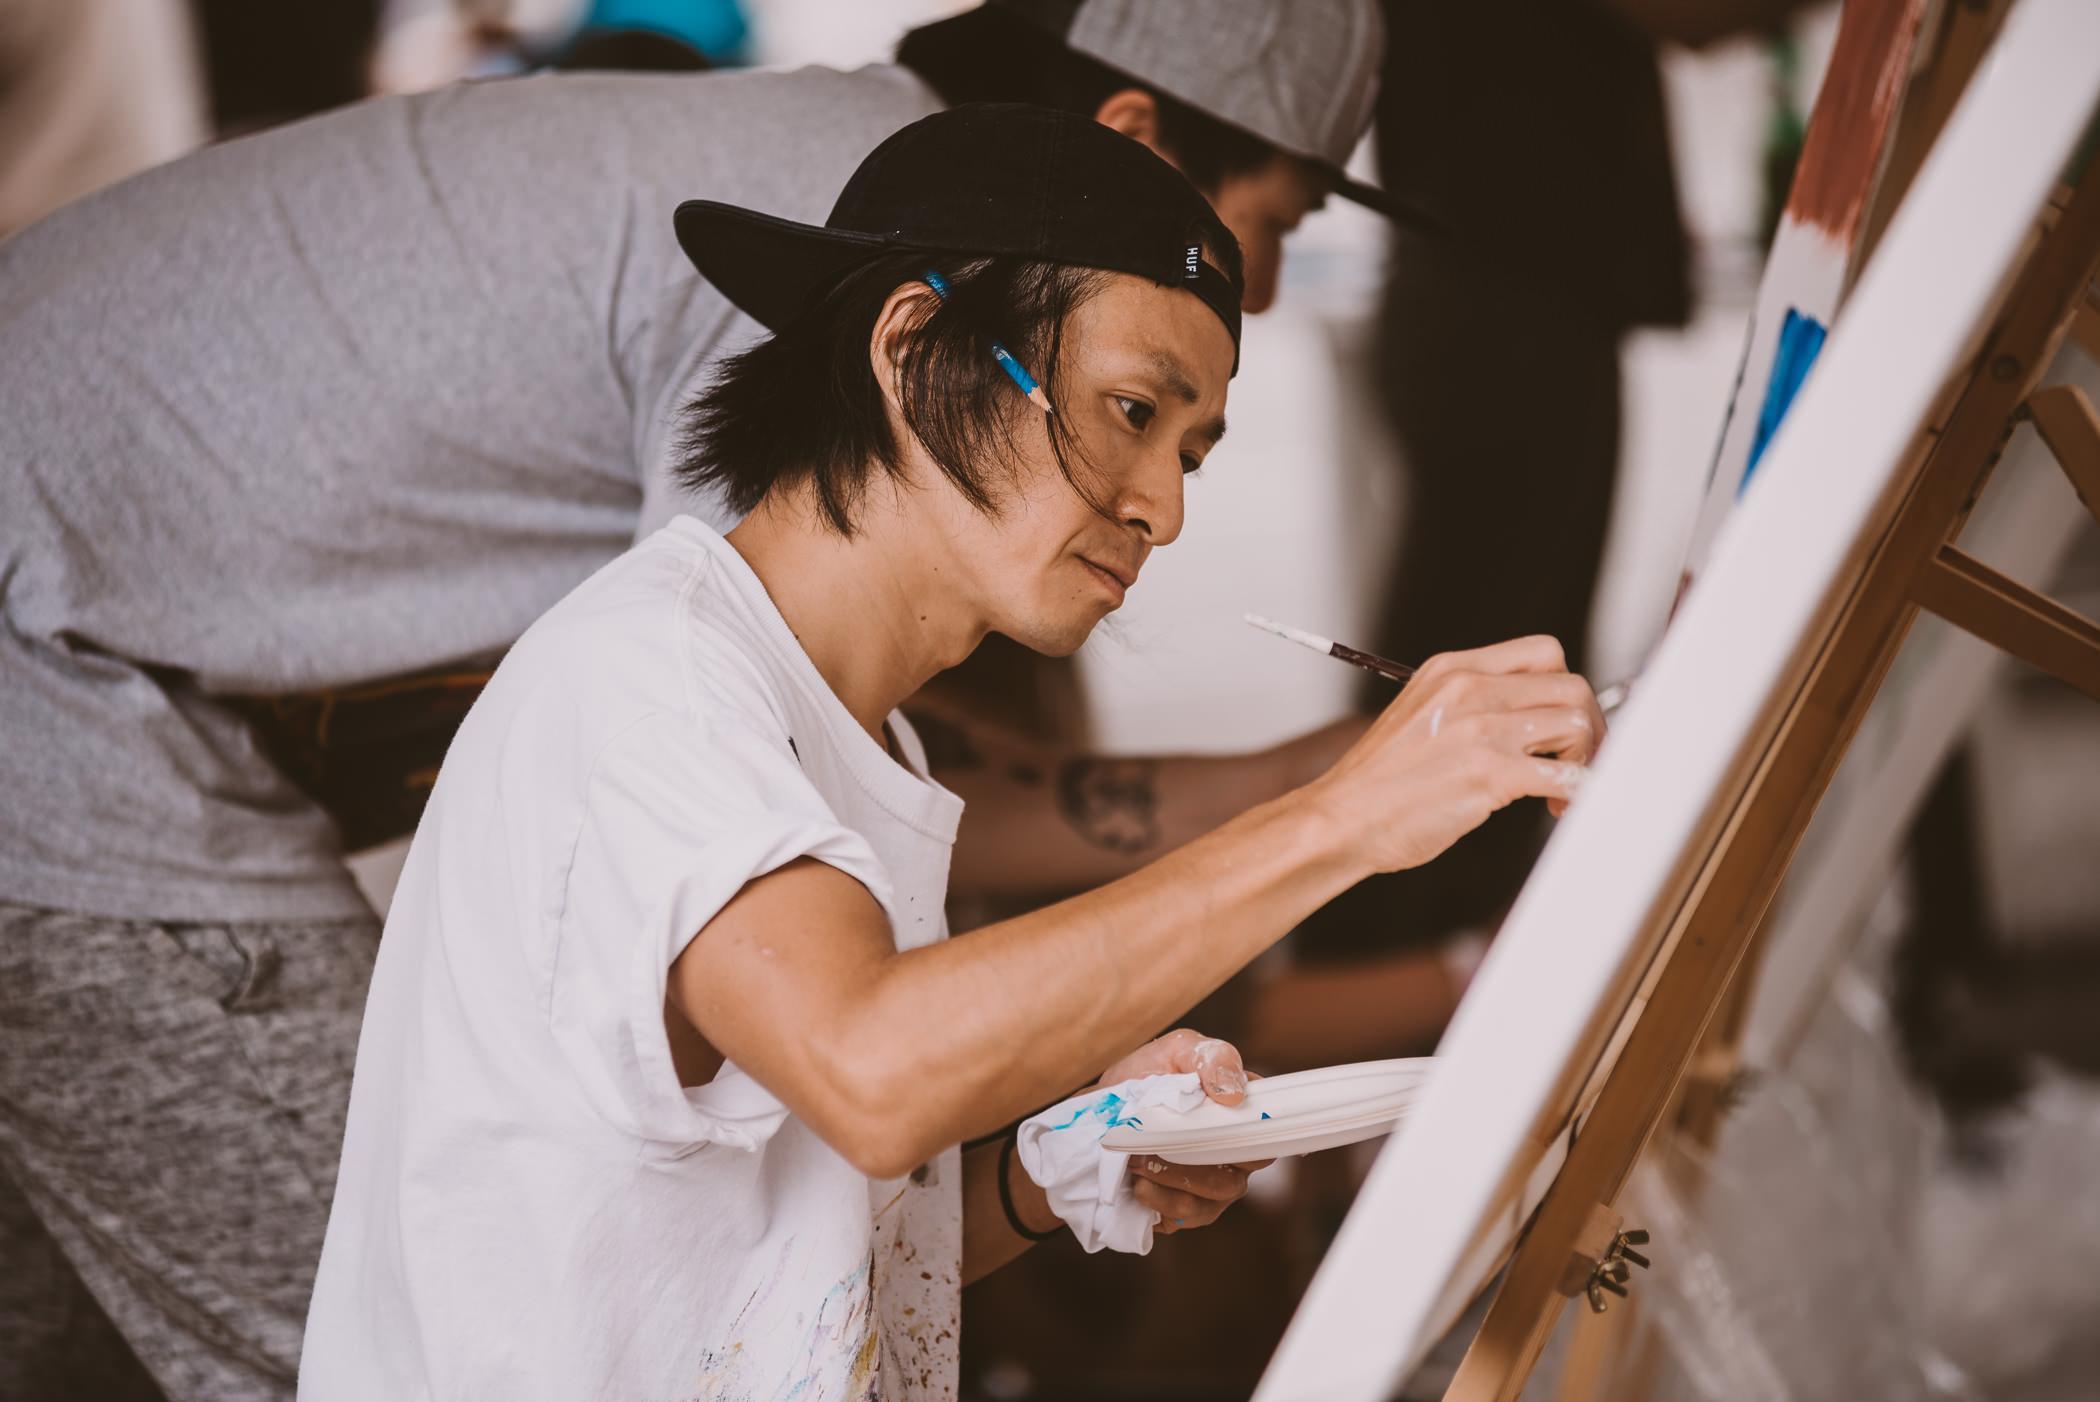 Vancouver_Mural_Fest-Do604-Timothy_Nguyen-20180811-86.jpg